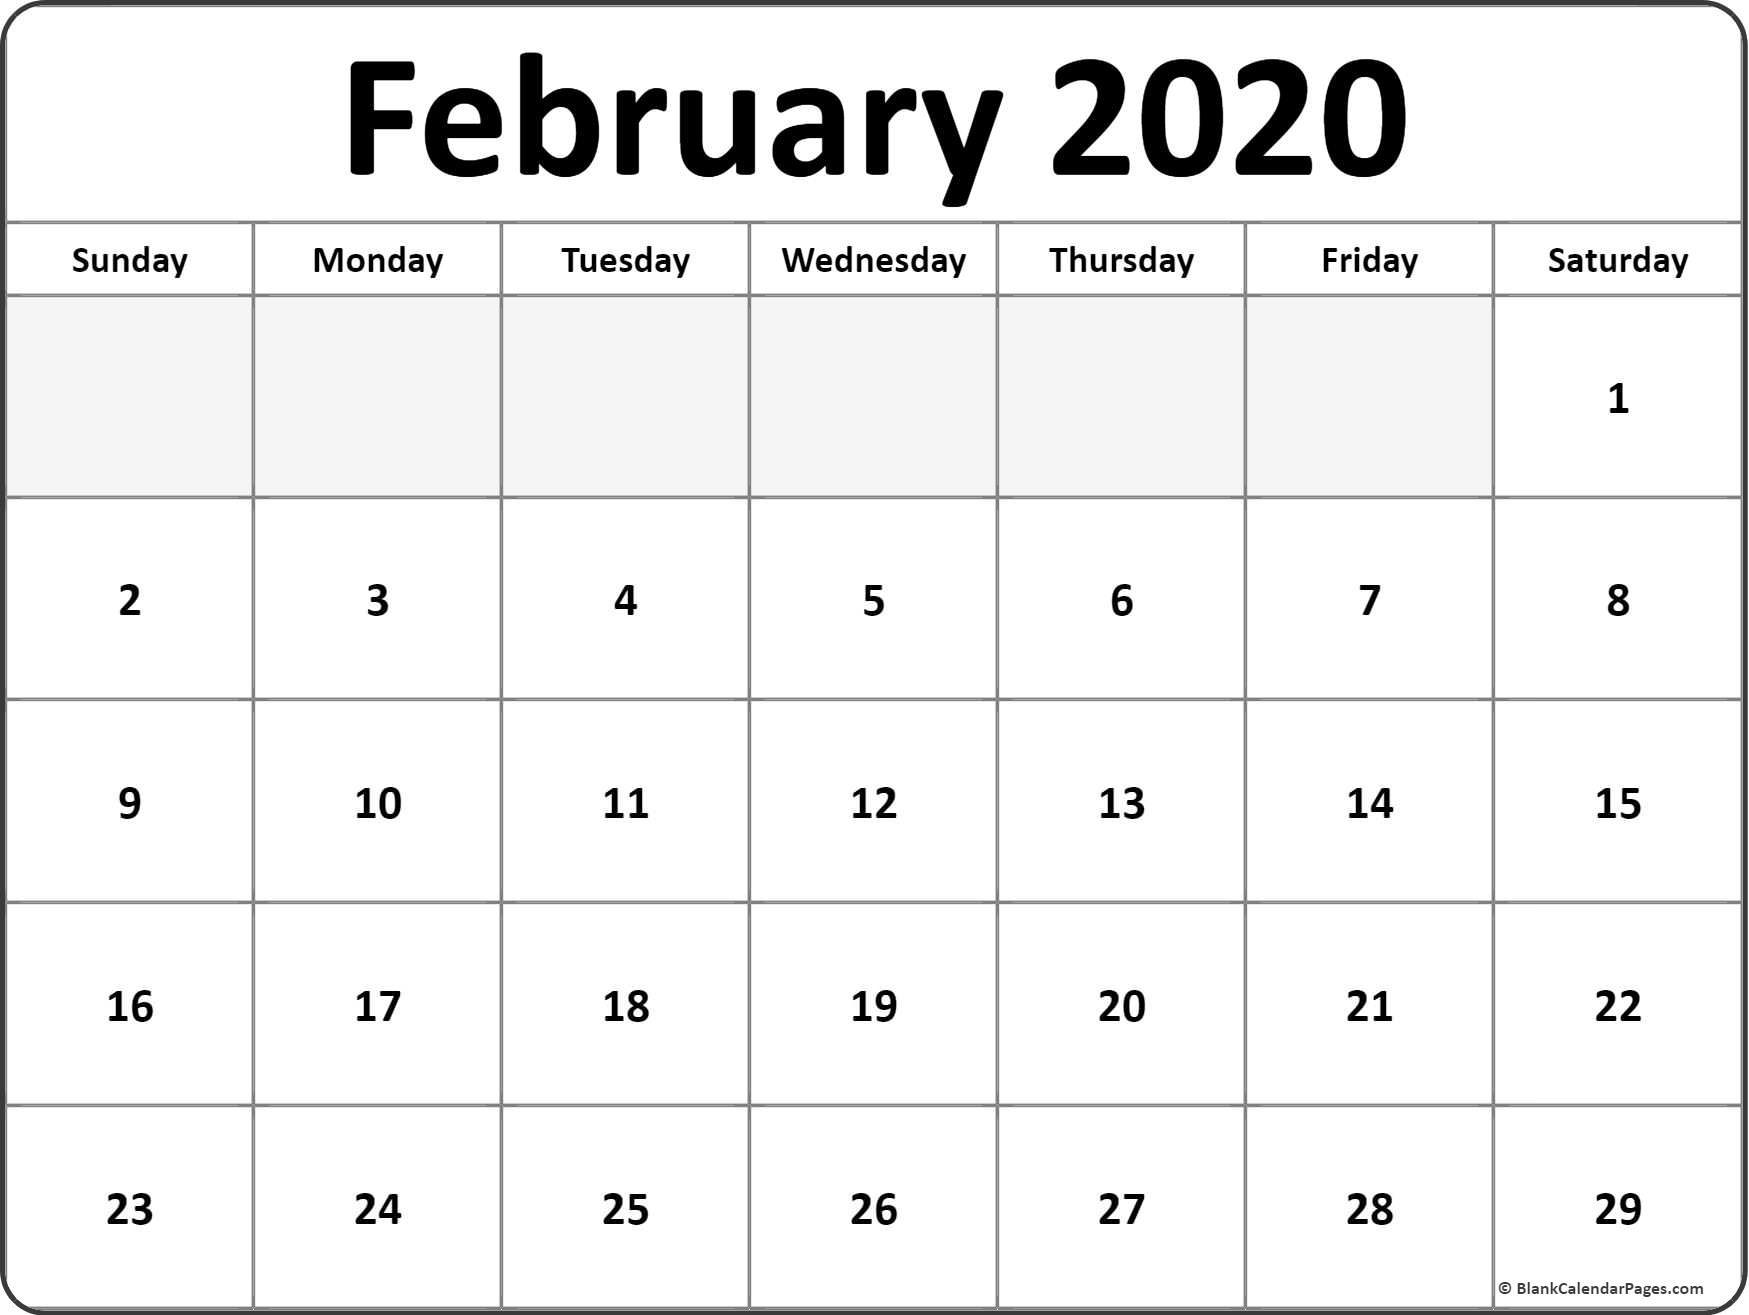 2020 February Calendar Printable February 2020 Blank Calendar Templates